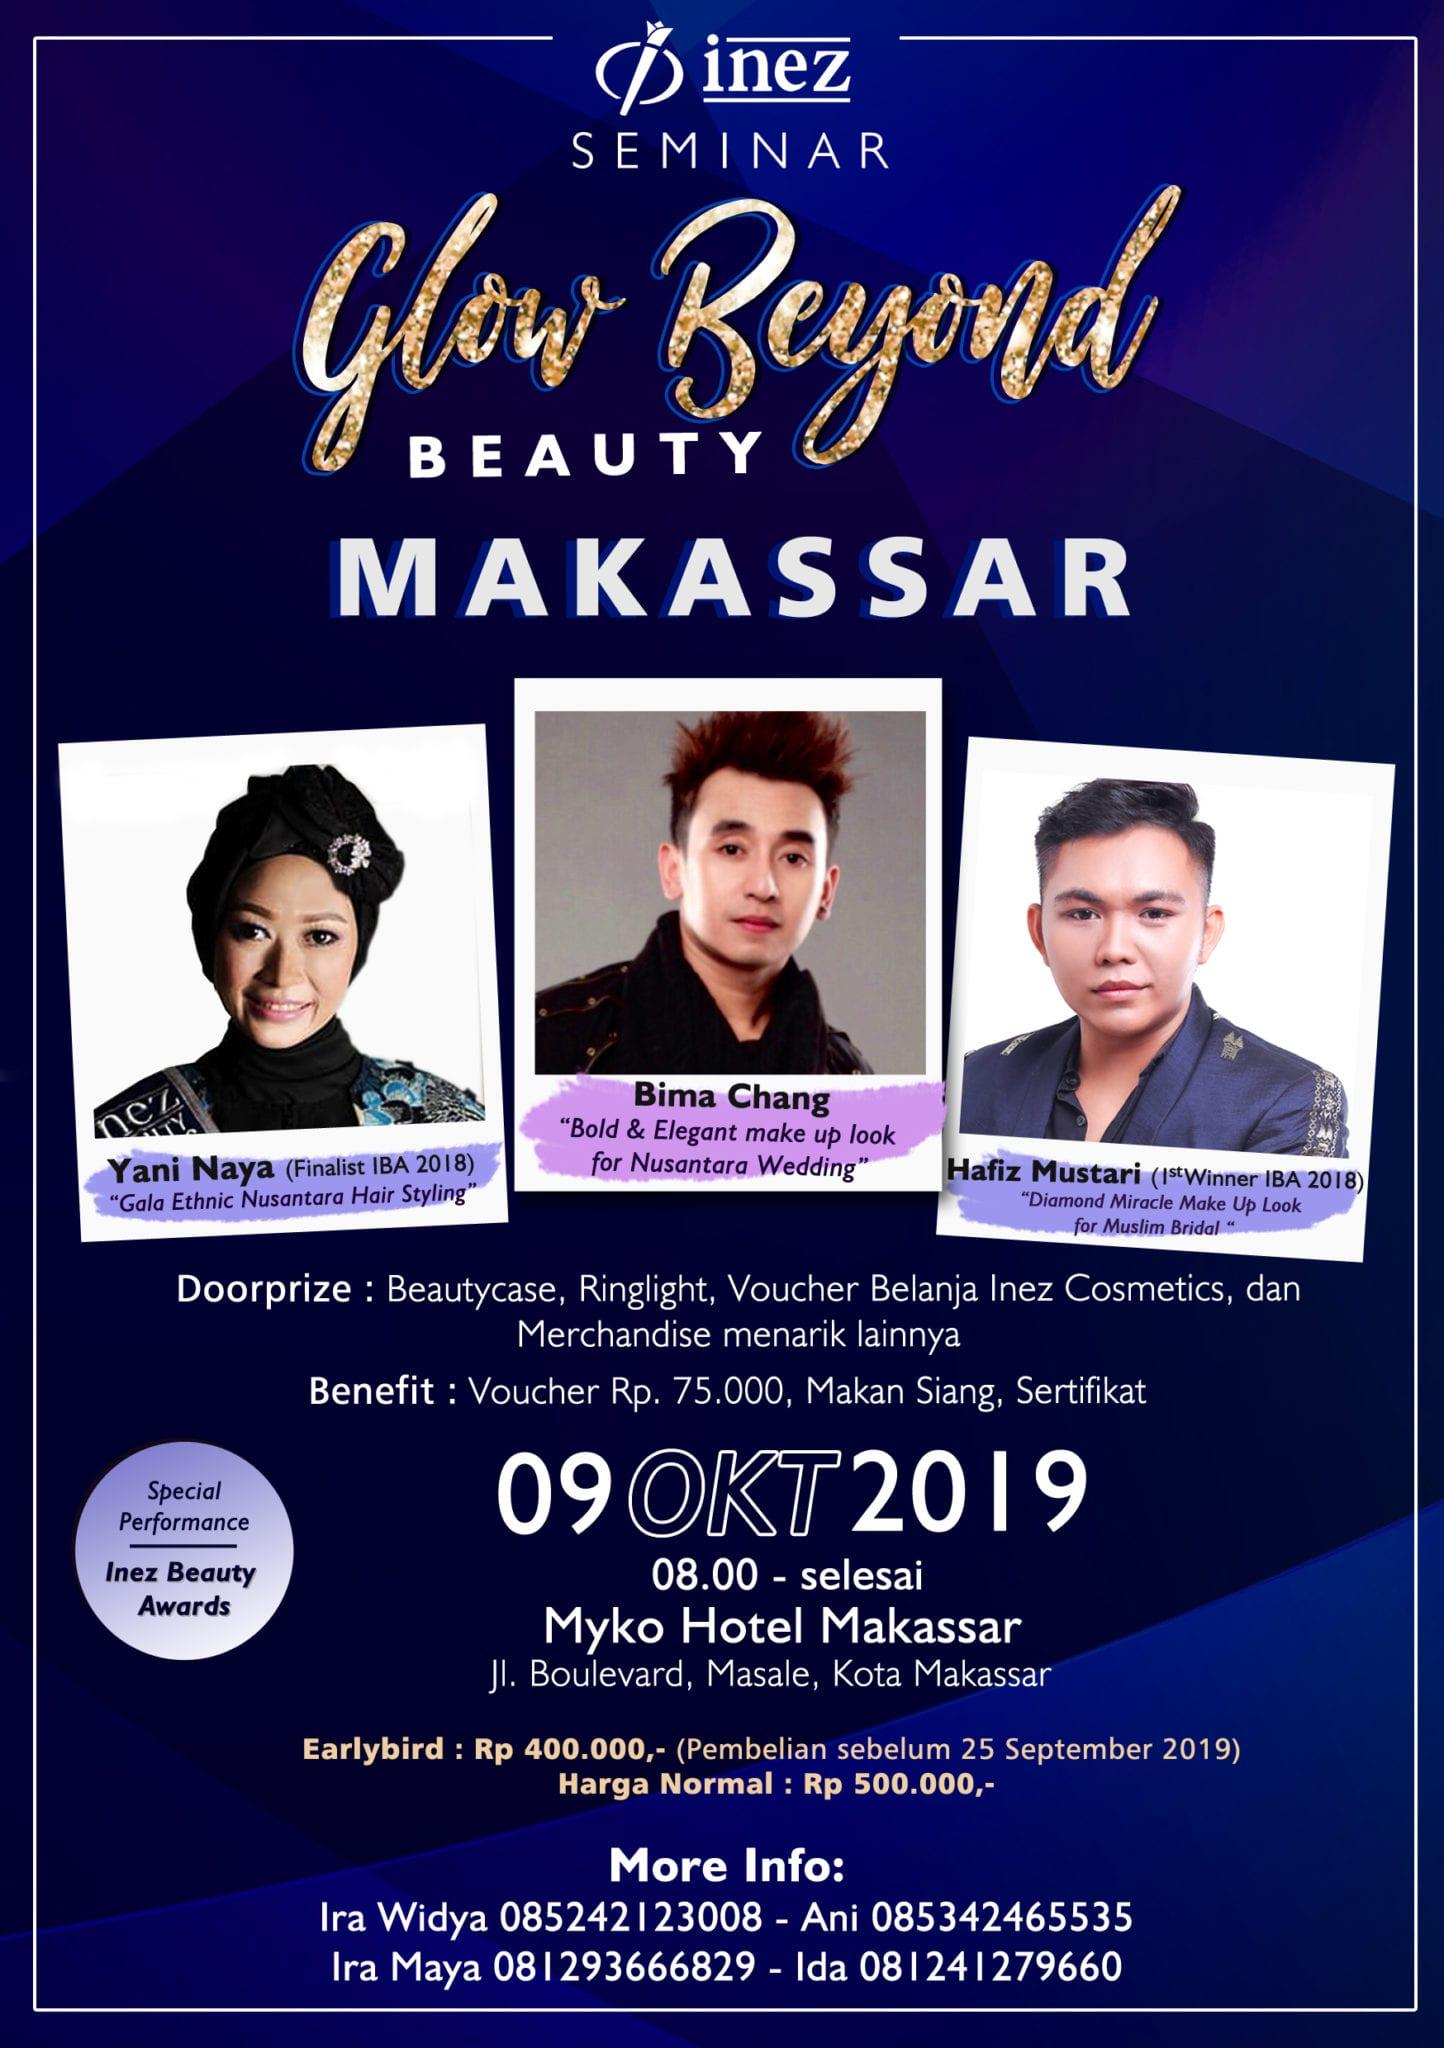 Seminar Glow Beyond Beauty Makassar